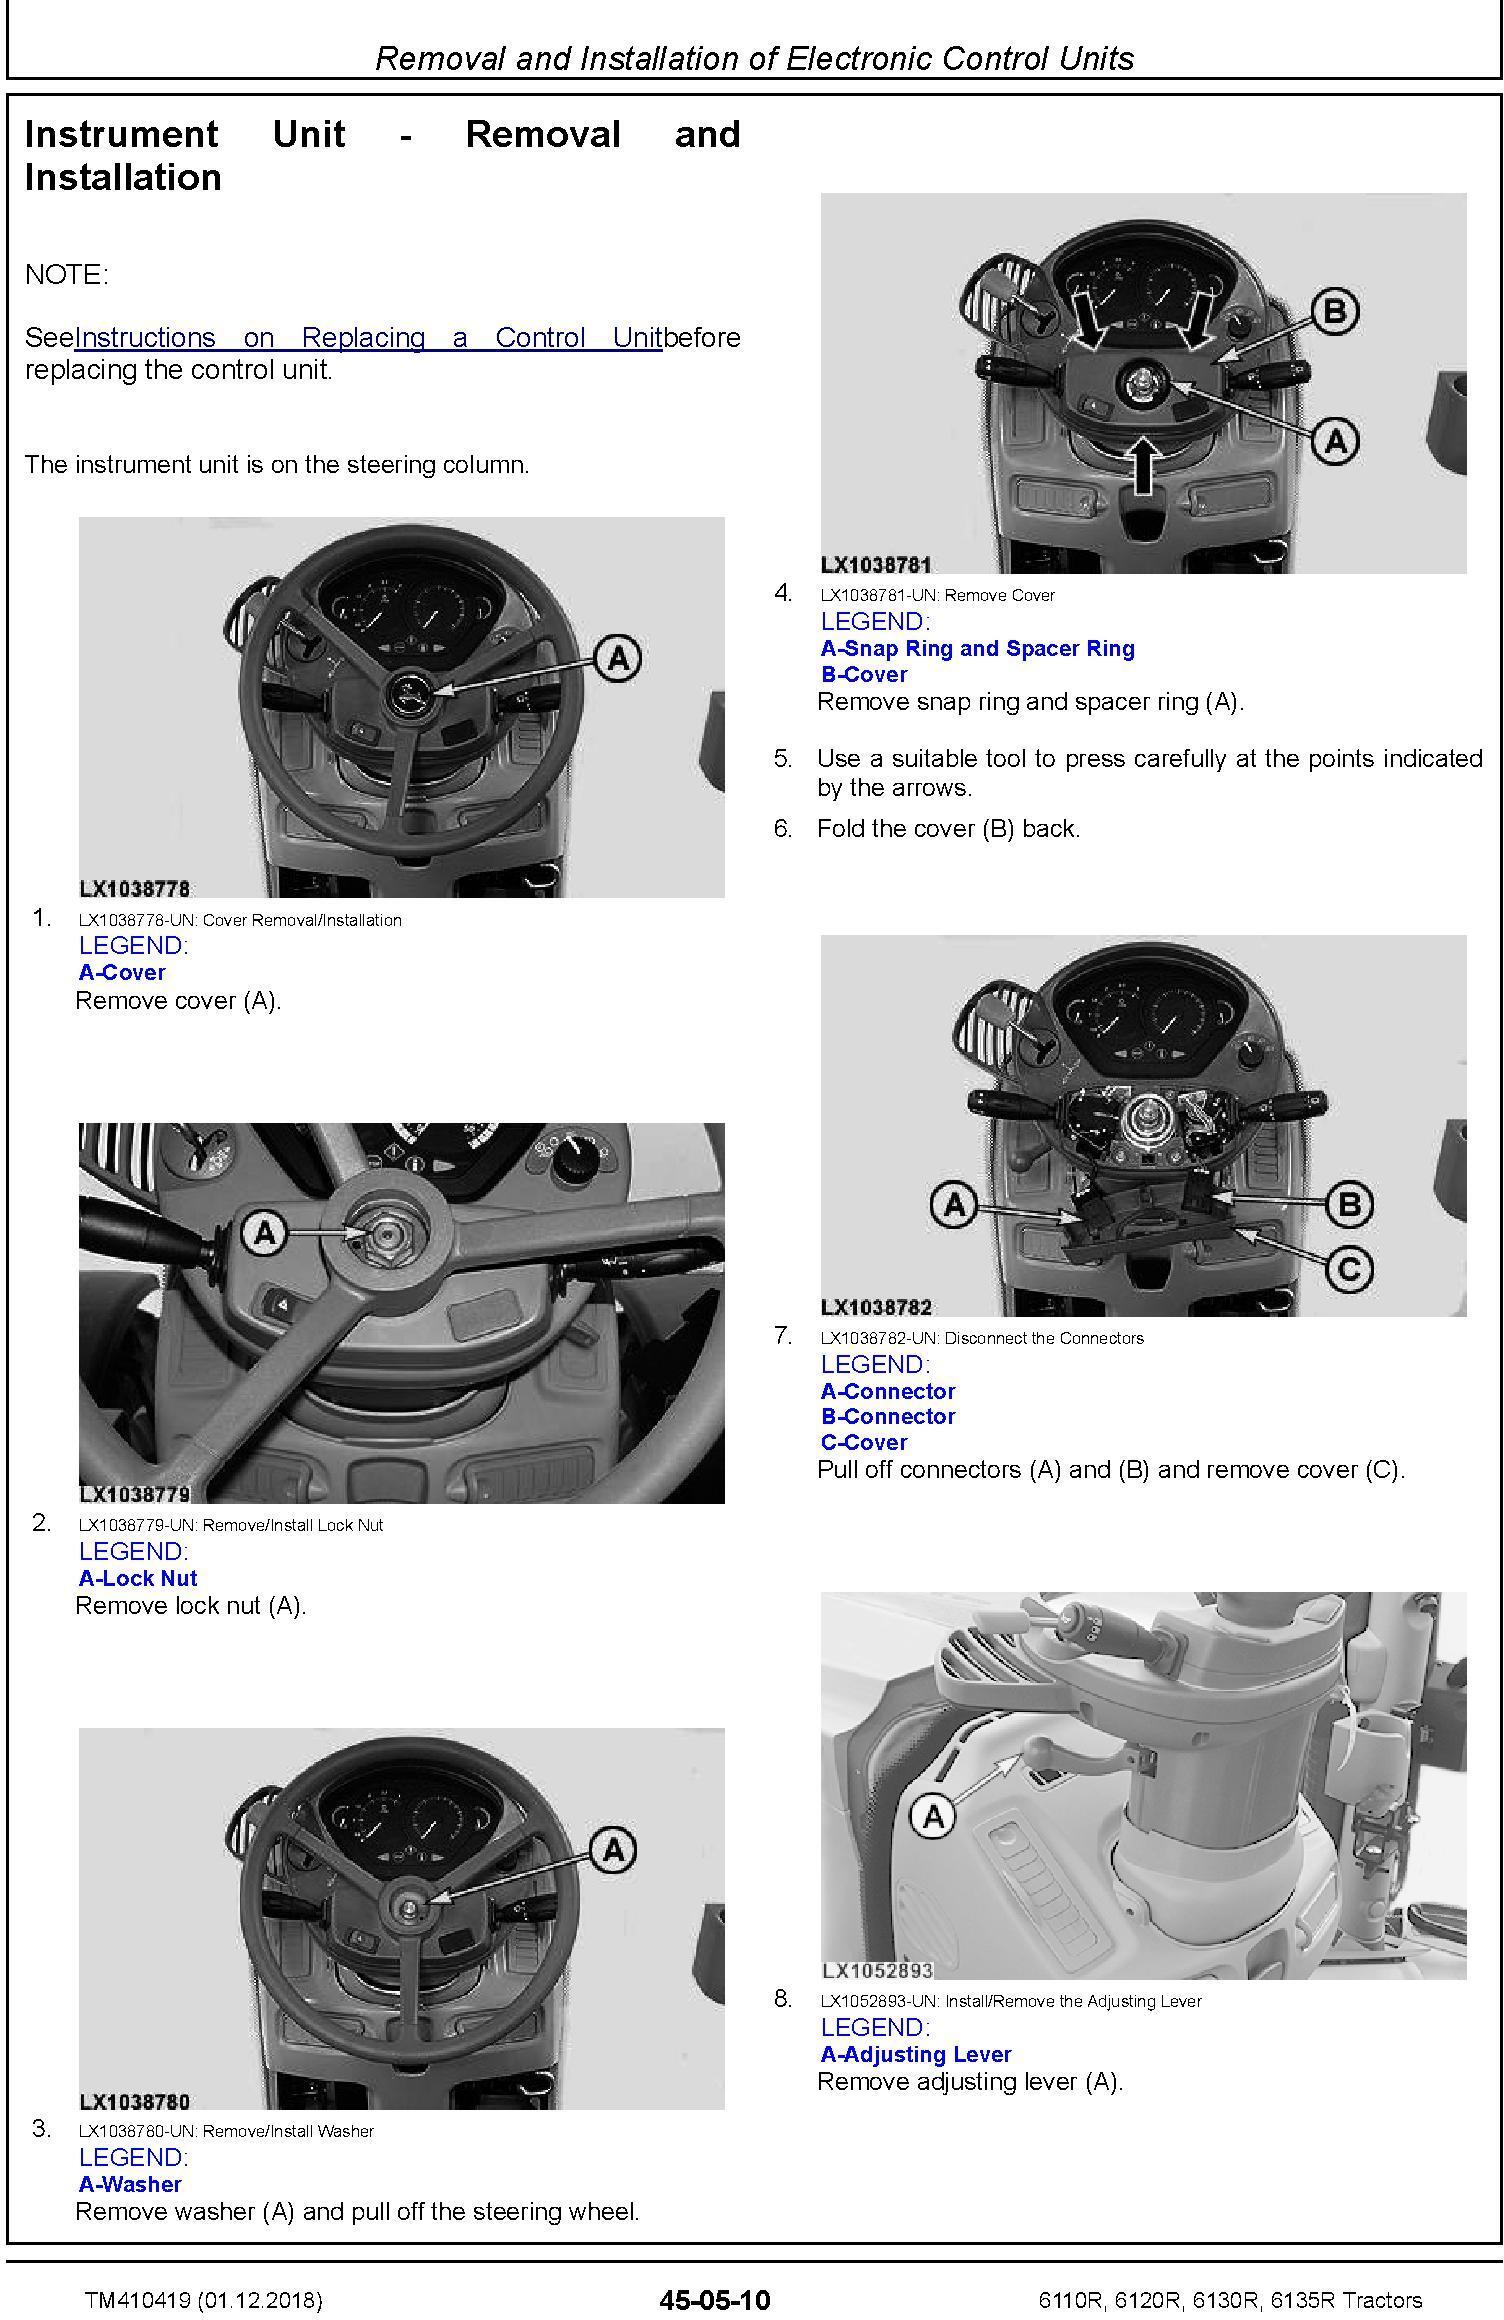 John Deere 6110R, 6120R, 6130R, 6135R Tractors (MY18) Service Repair Technical Manual (TM410419) - 2